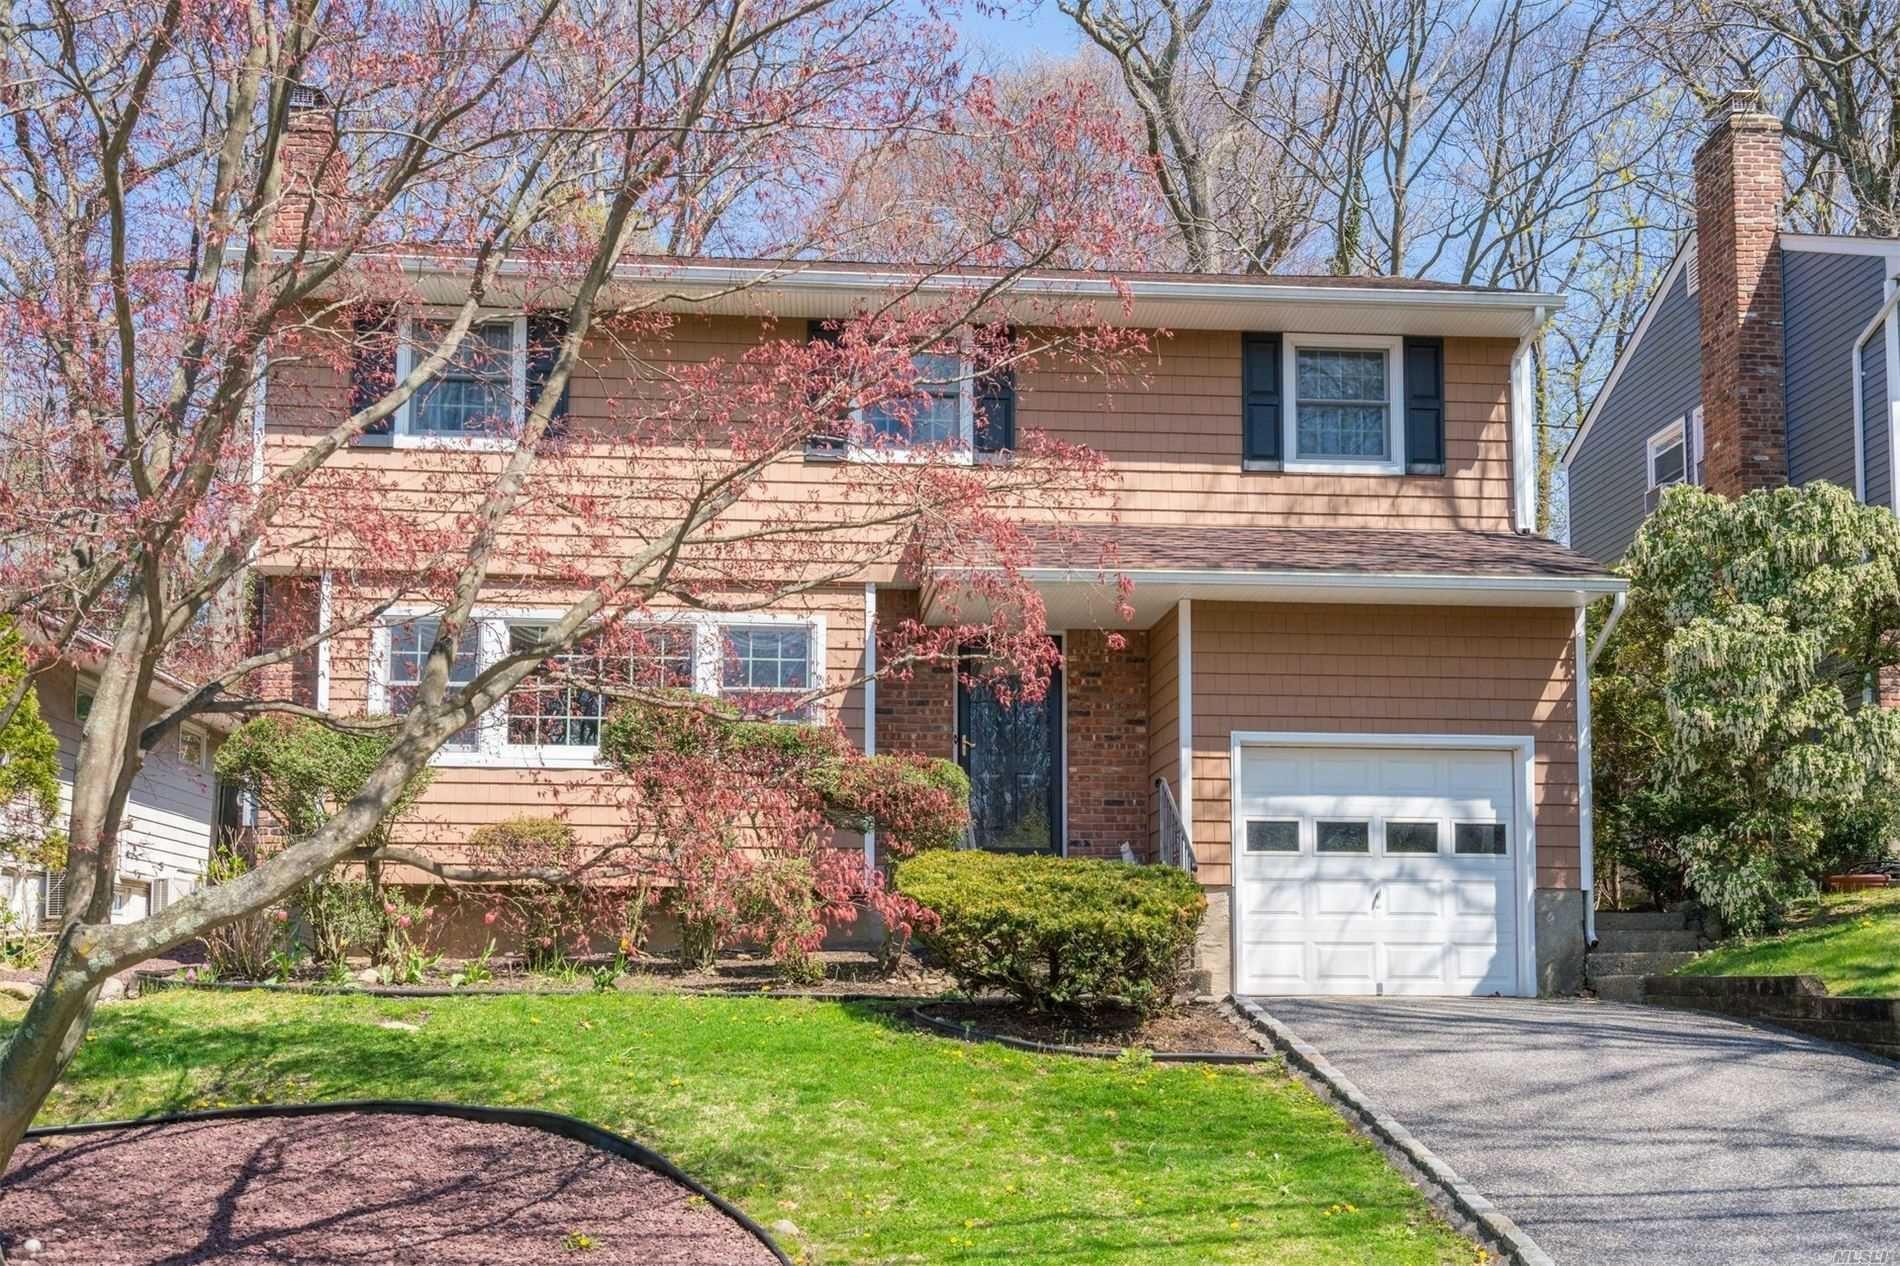 34 Briarwood Drive, Huntington, NY 11743 - MLS#: 3211578